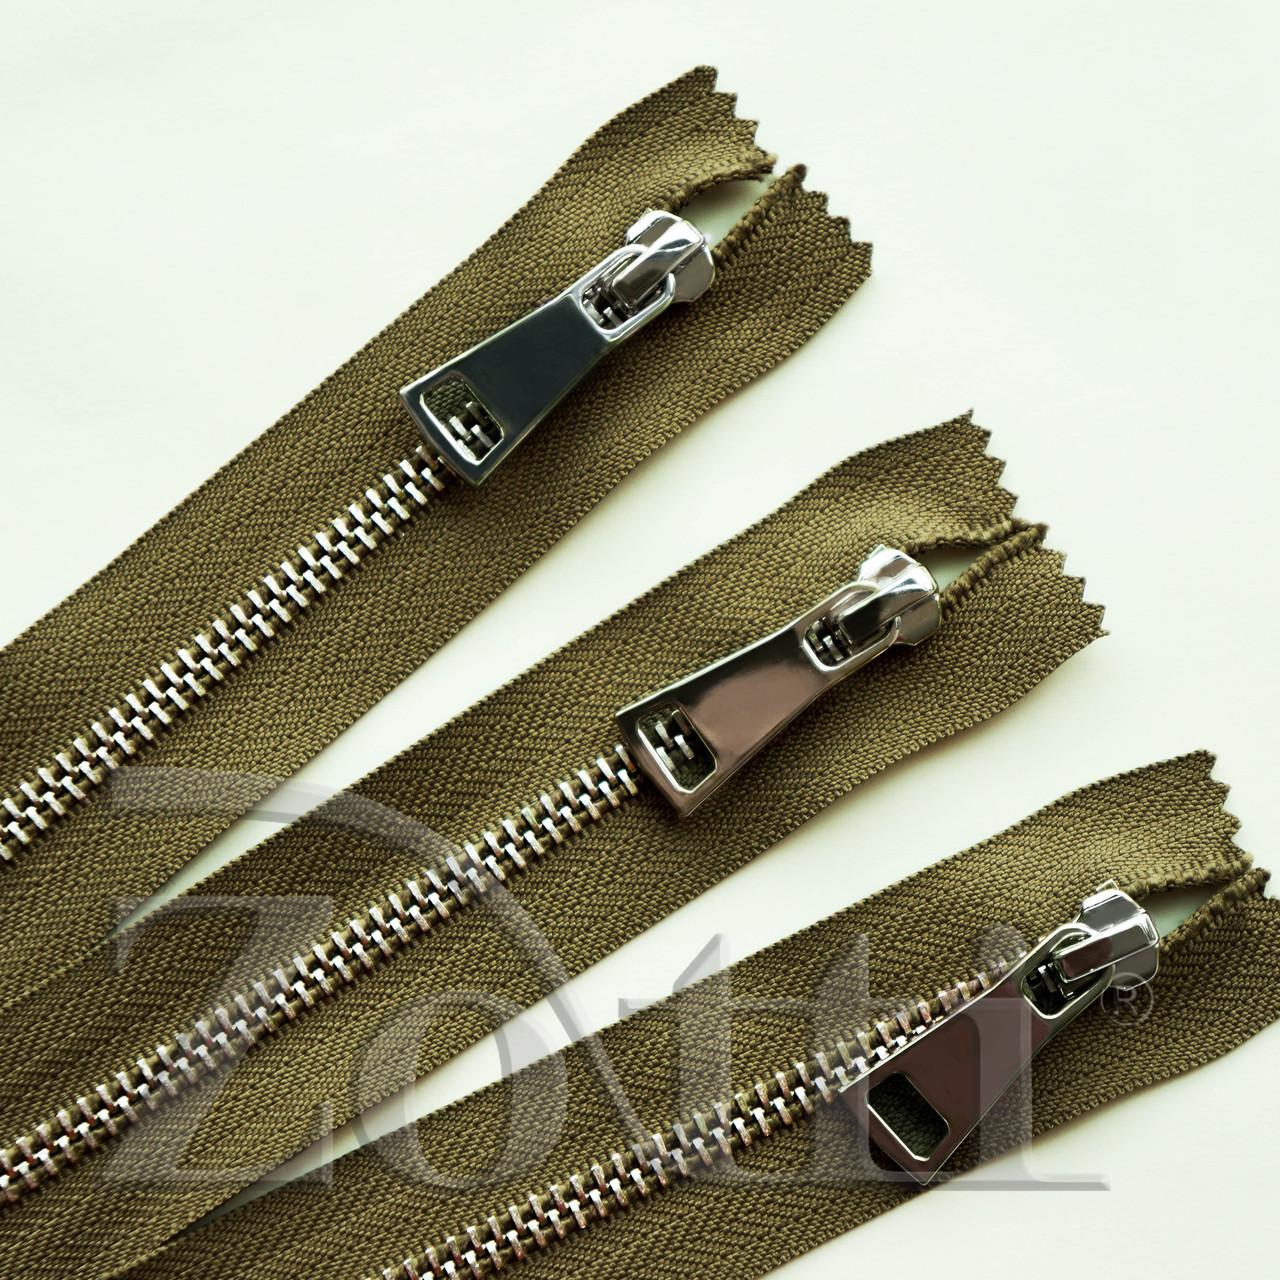 Молния (змейка,застежка) металлическая №5, размерная, обувная, хаки, с серебряным бегунком № 115 - 14 см